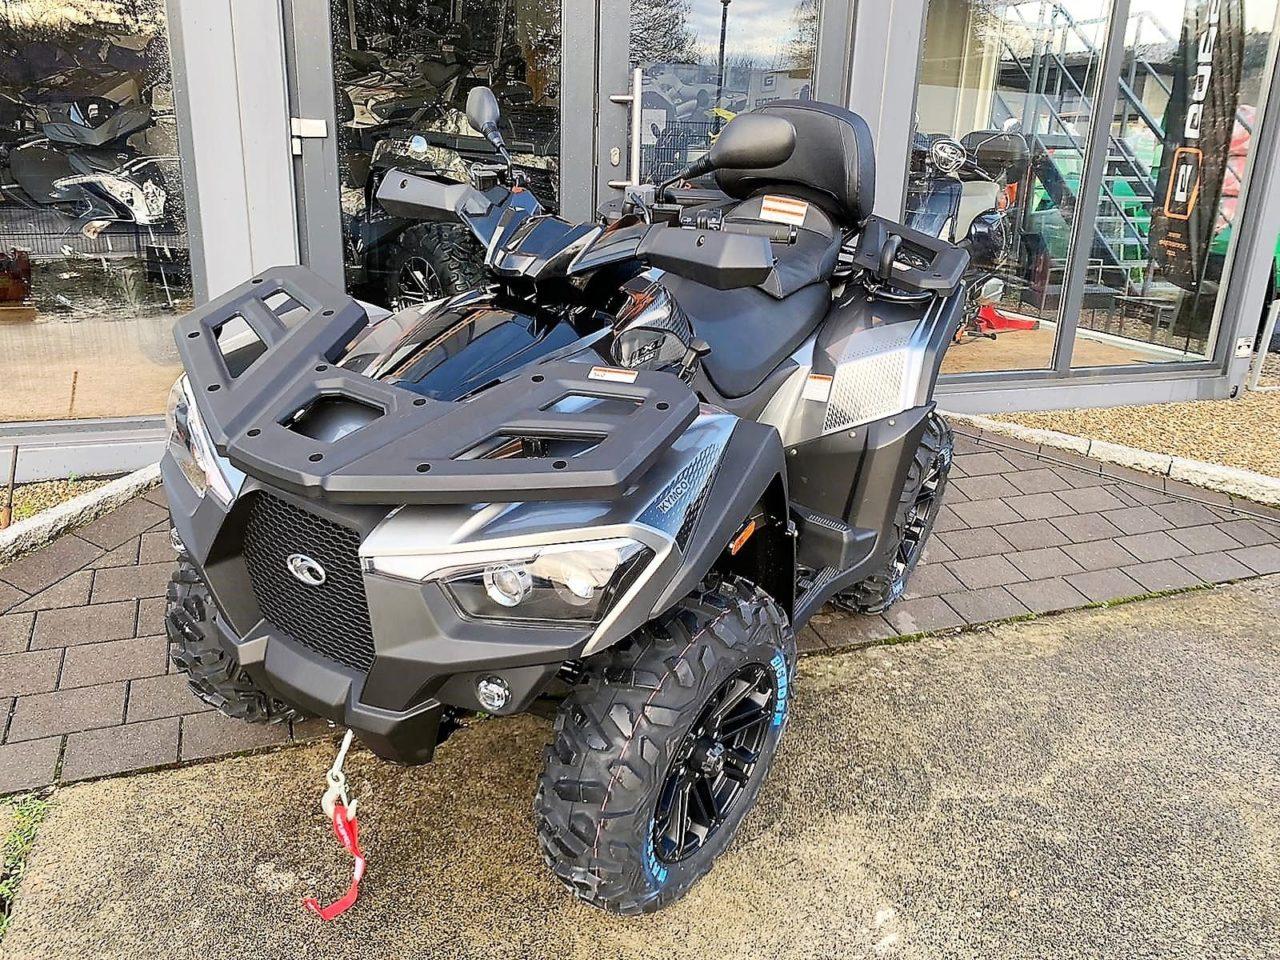 ATV / Quad Kymco MXU 700i T EPS, Servo, 4×4, 48 PS, 695 ccm, LOF-Zulassung